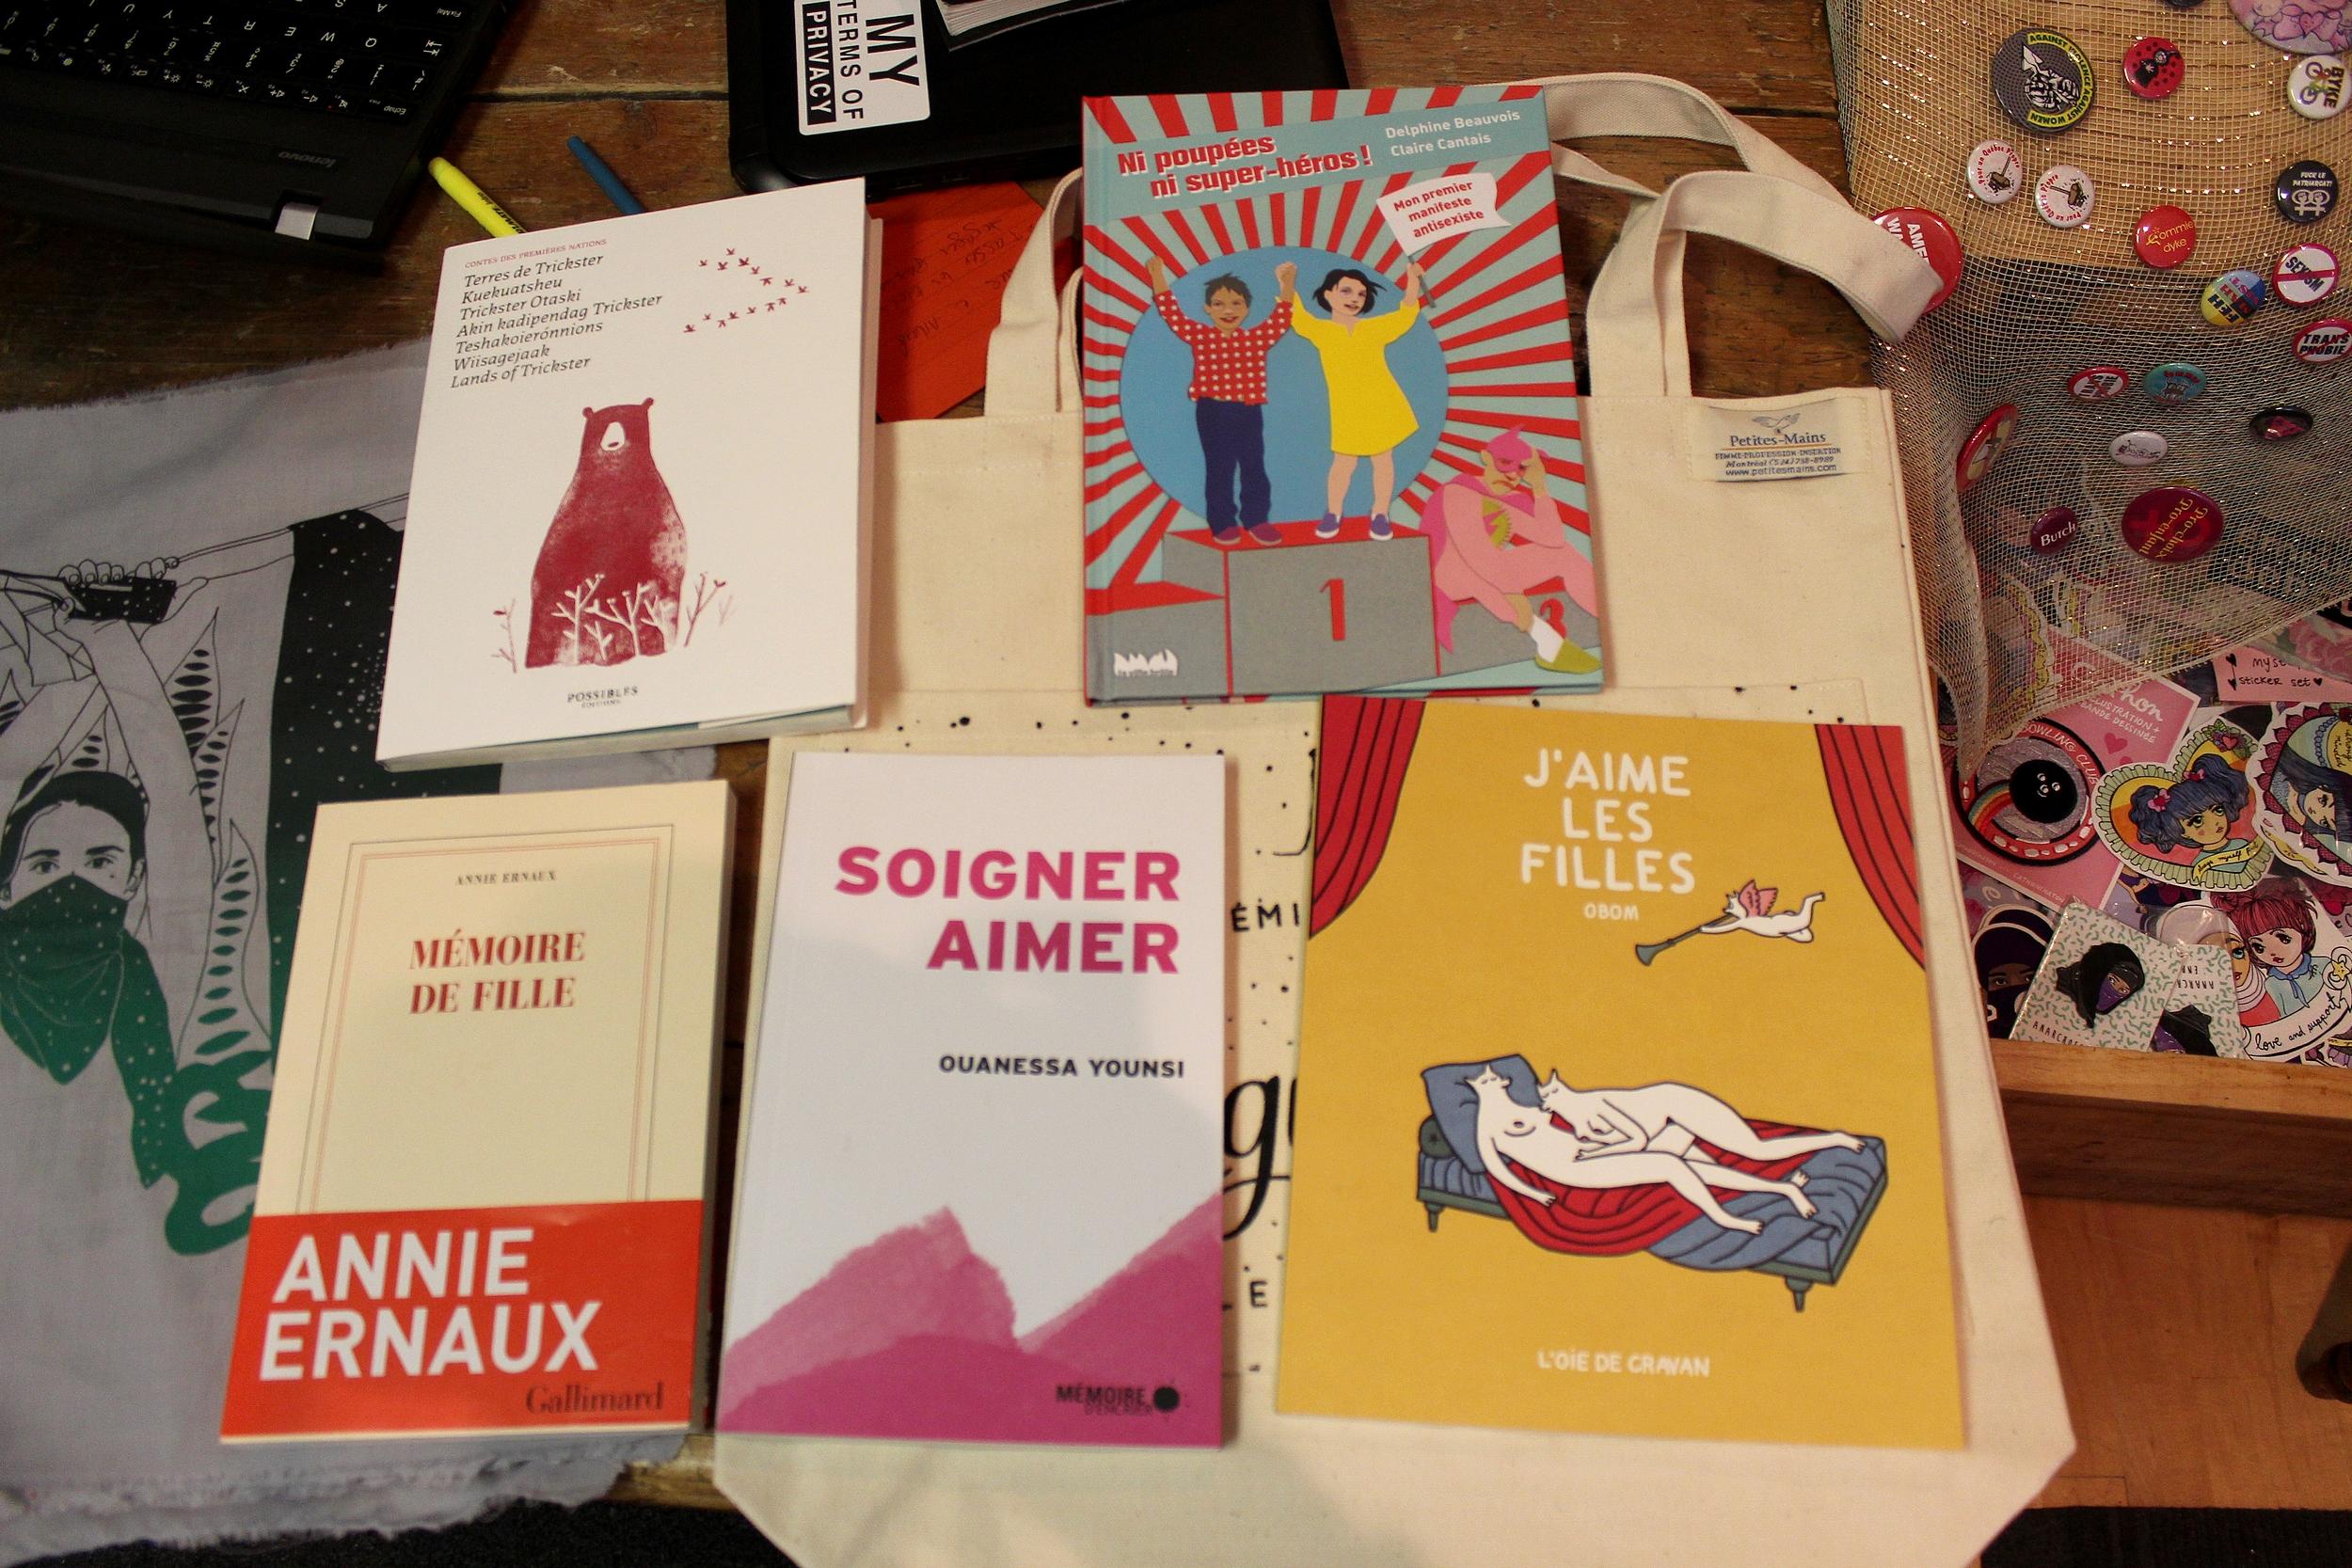 Des livres qui sortent des stéréotypes. ©AL